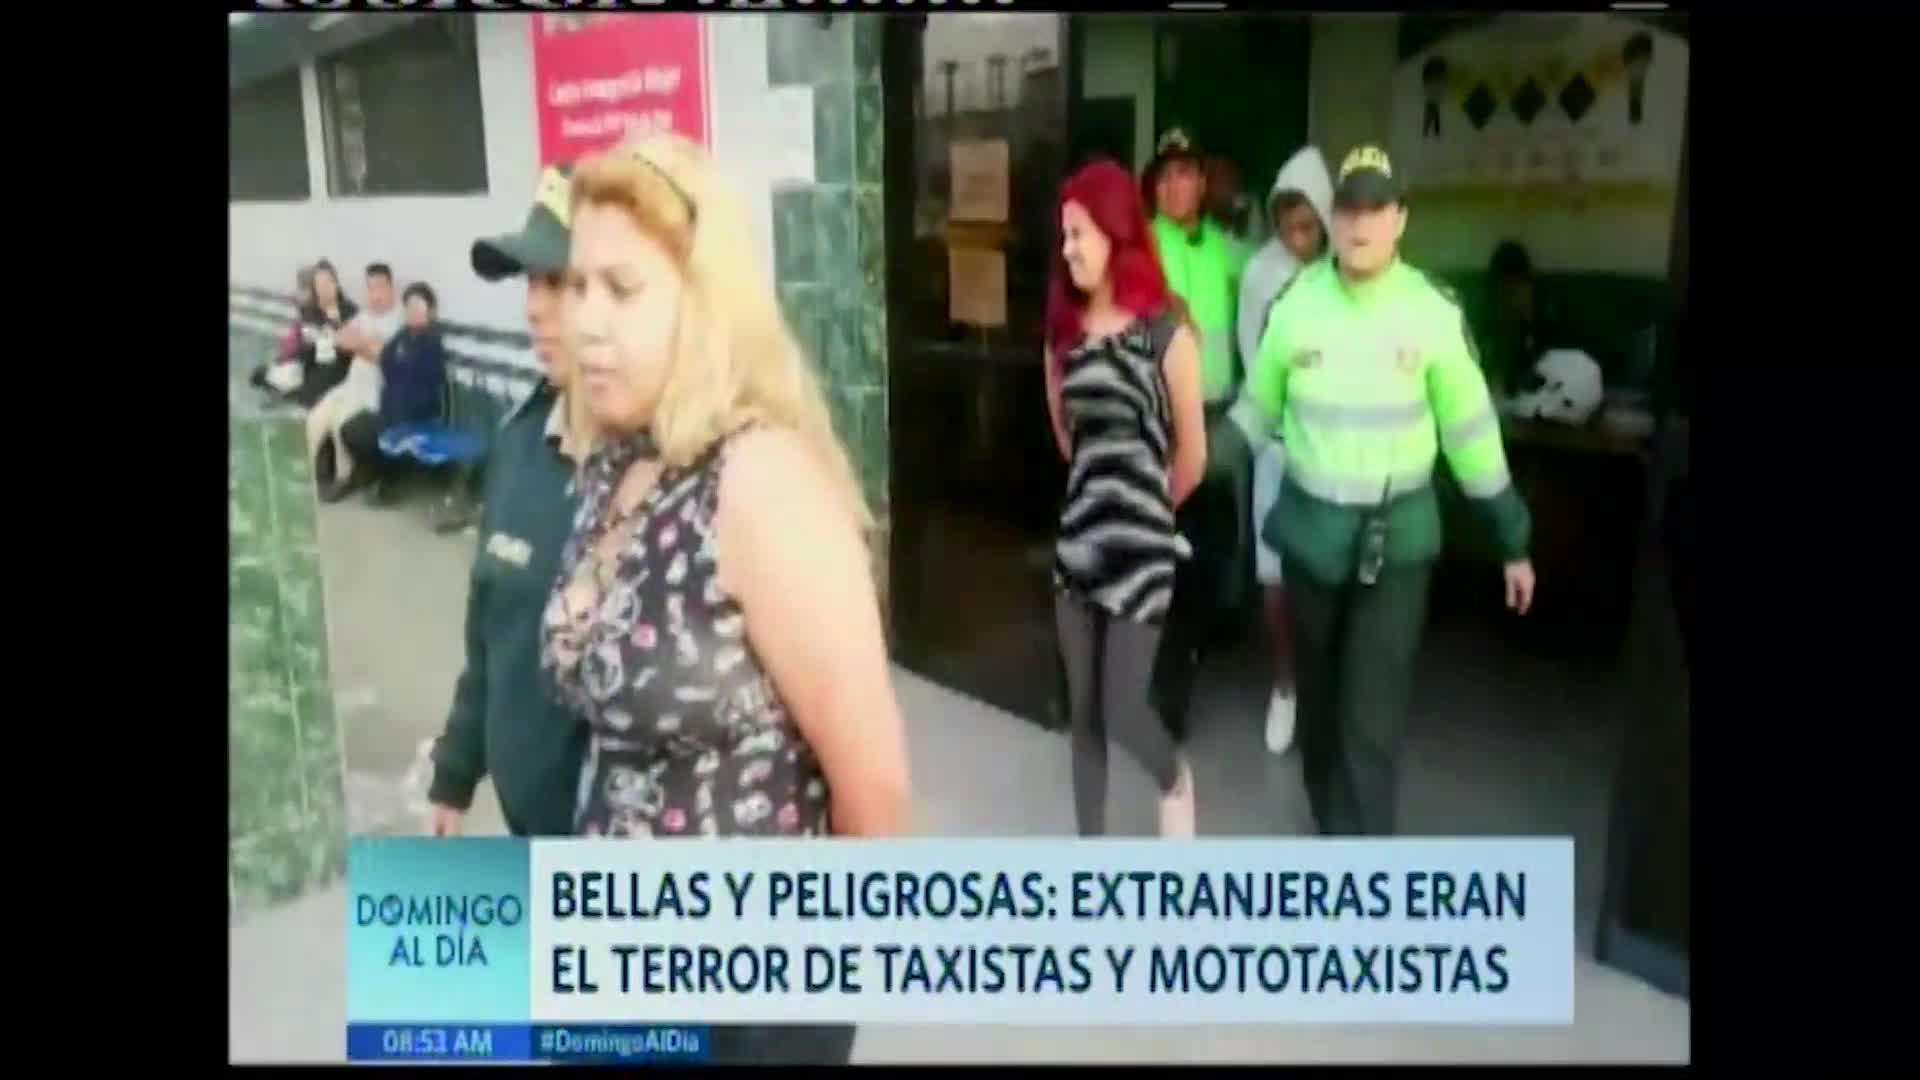 Extranjeras que pertenecían a organización criminal eran el terror de mototaxistas